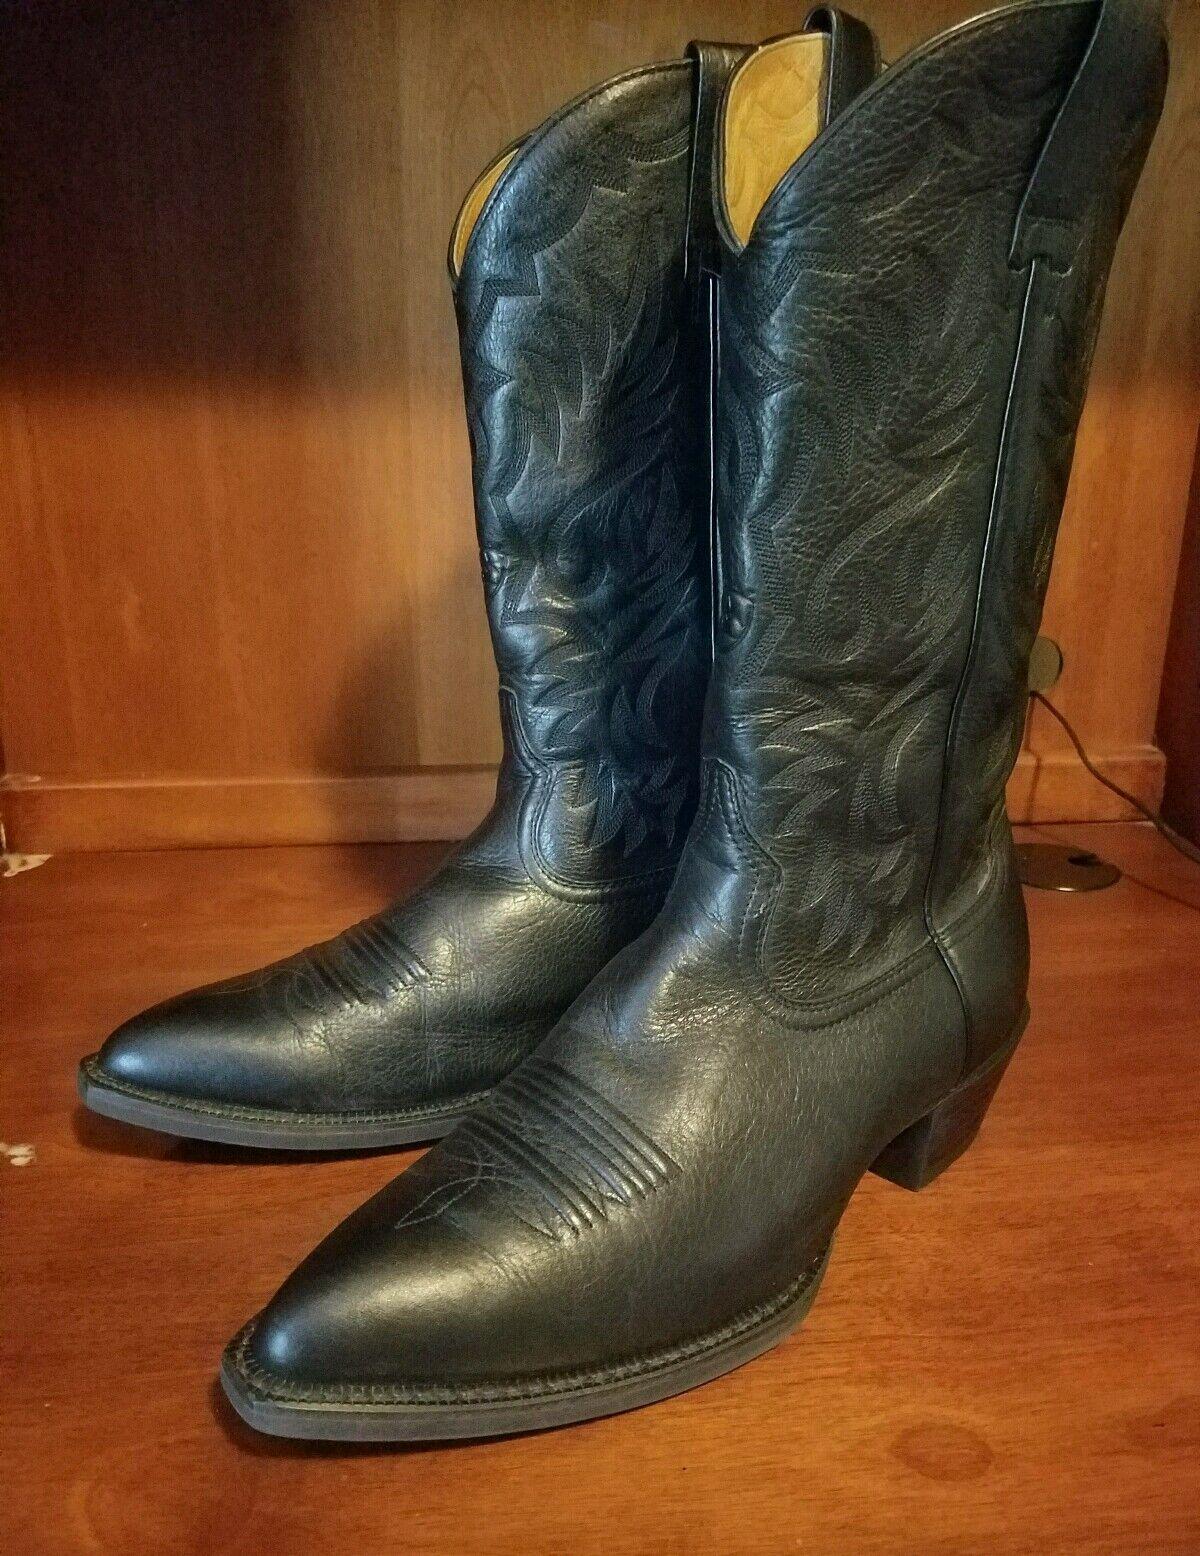 Ariat Nero Nip Toe Deer Deer Deer Tan Nero Western Cowboy Stivali Sz 11 D Style #10002269 86037a